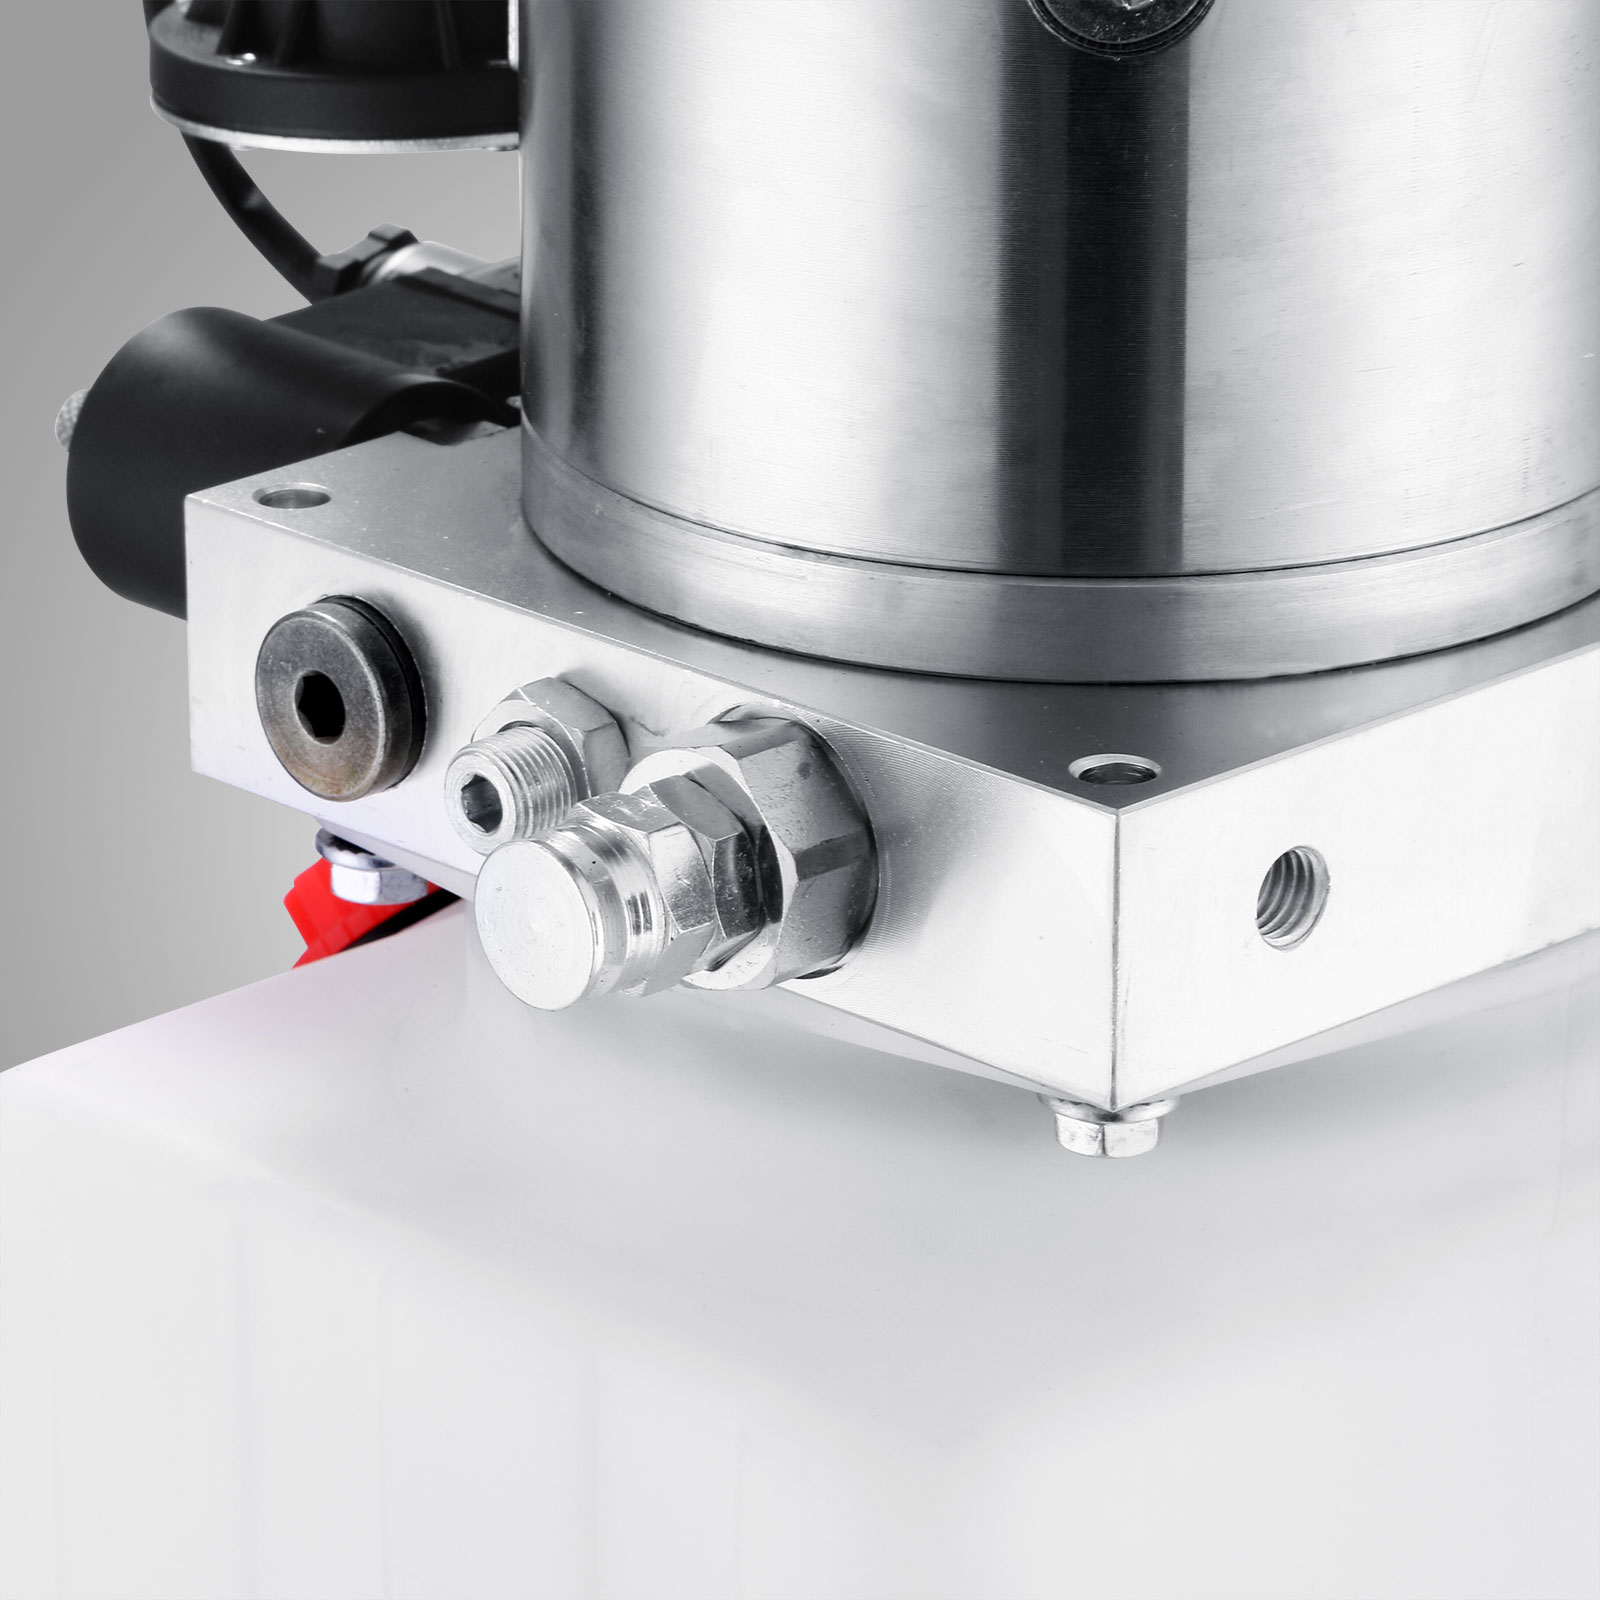 manual hydraulic pump with reservoir